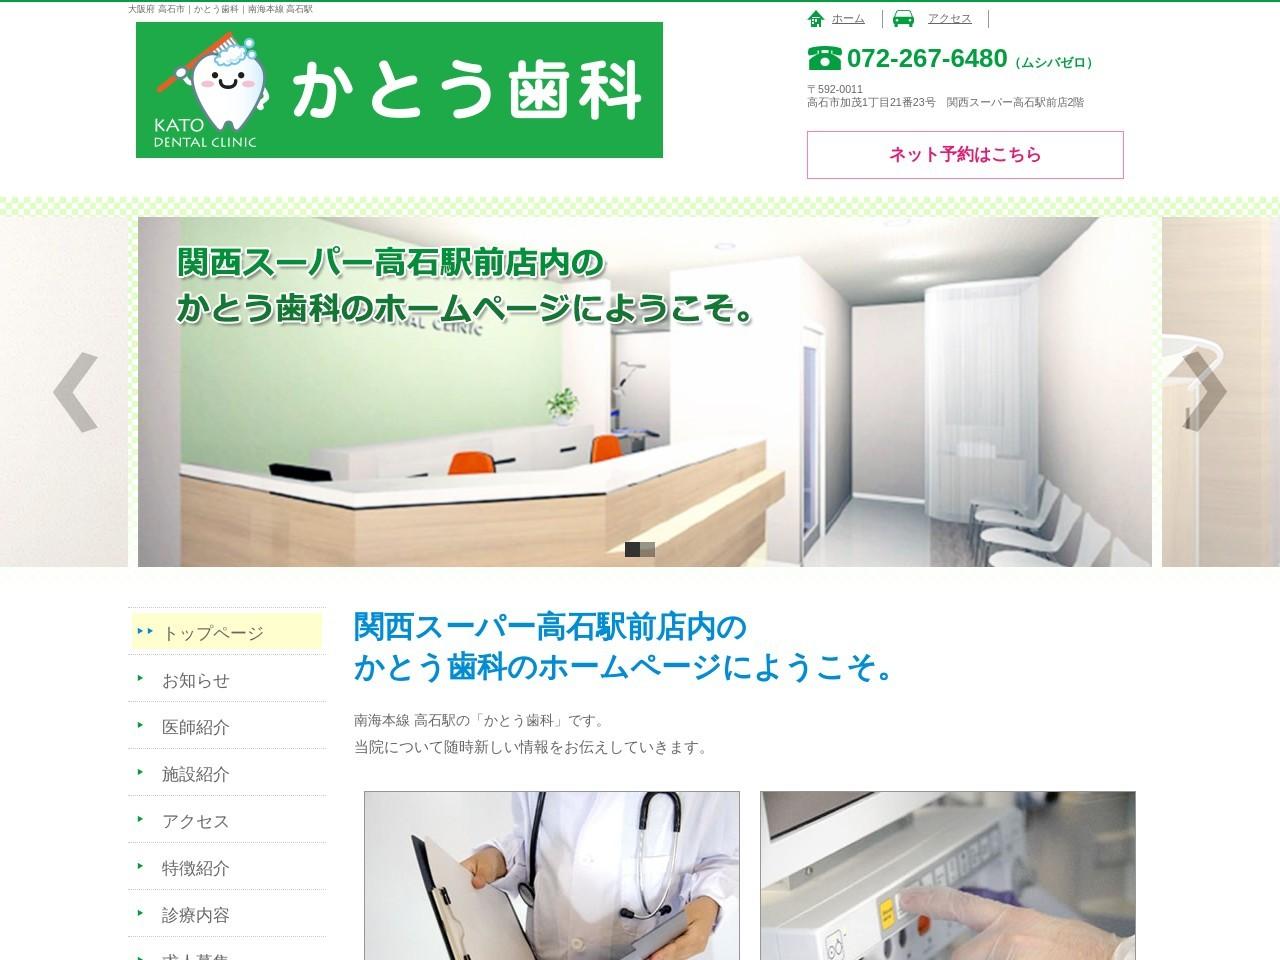 かとう歯科 (大阪府高石市)